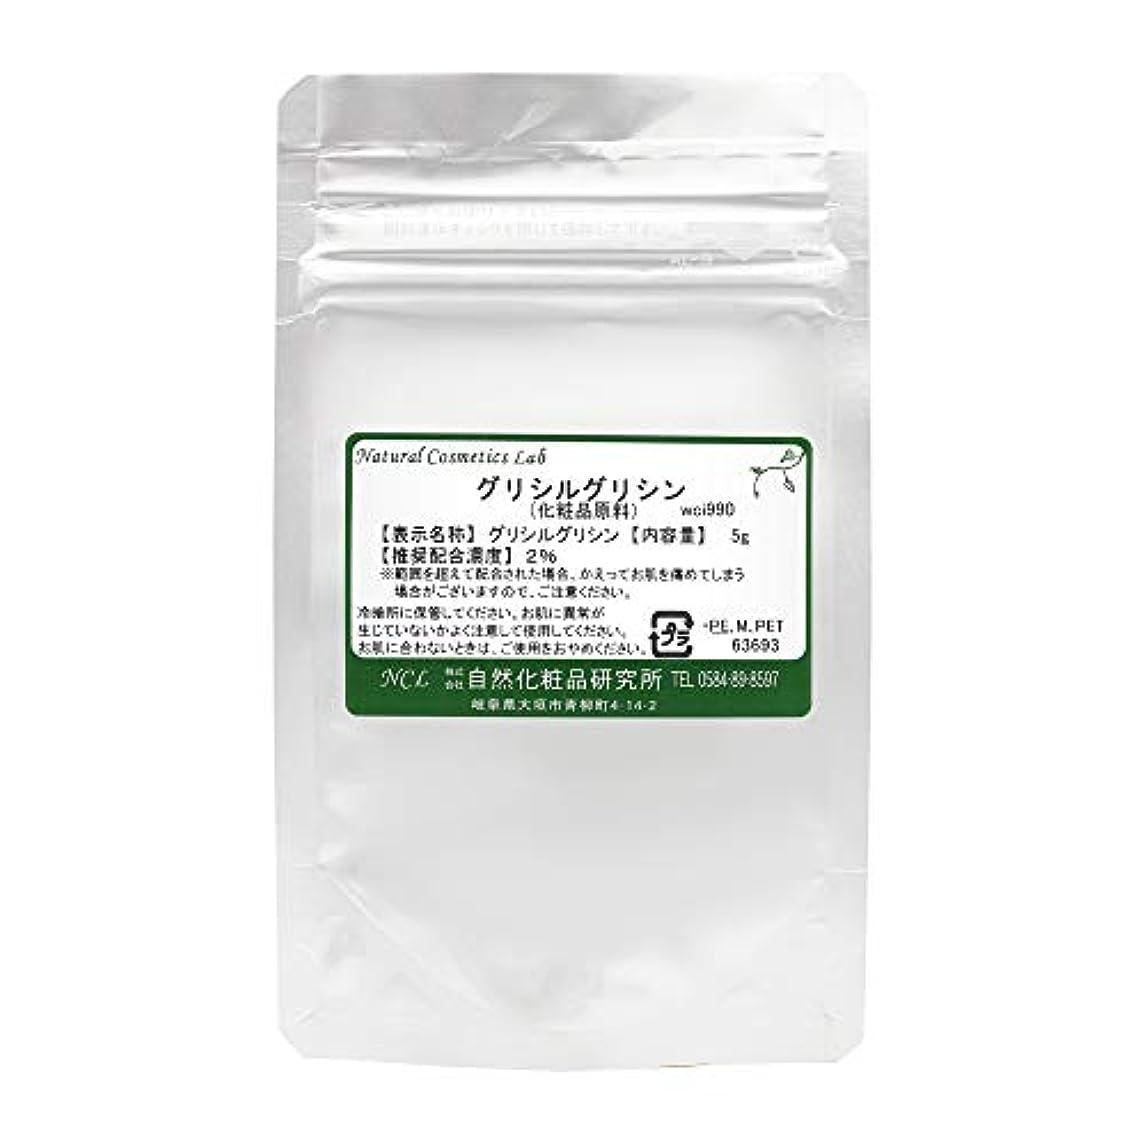 変数信念視聴者グリシルグリシン (GG) 化粧品原料 5g